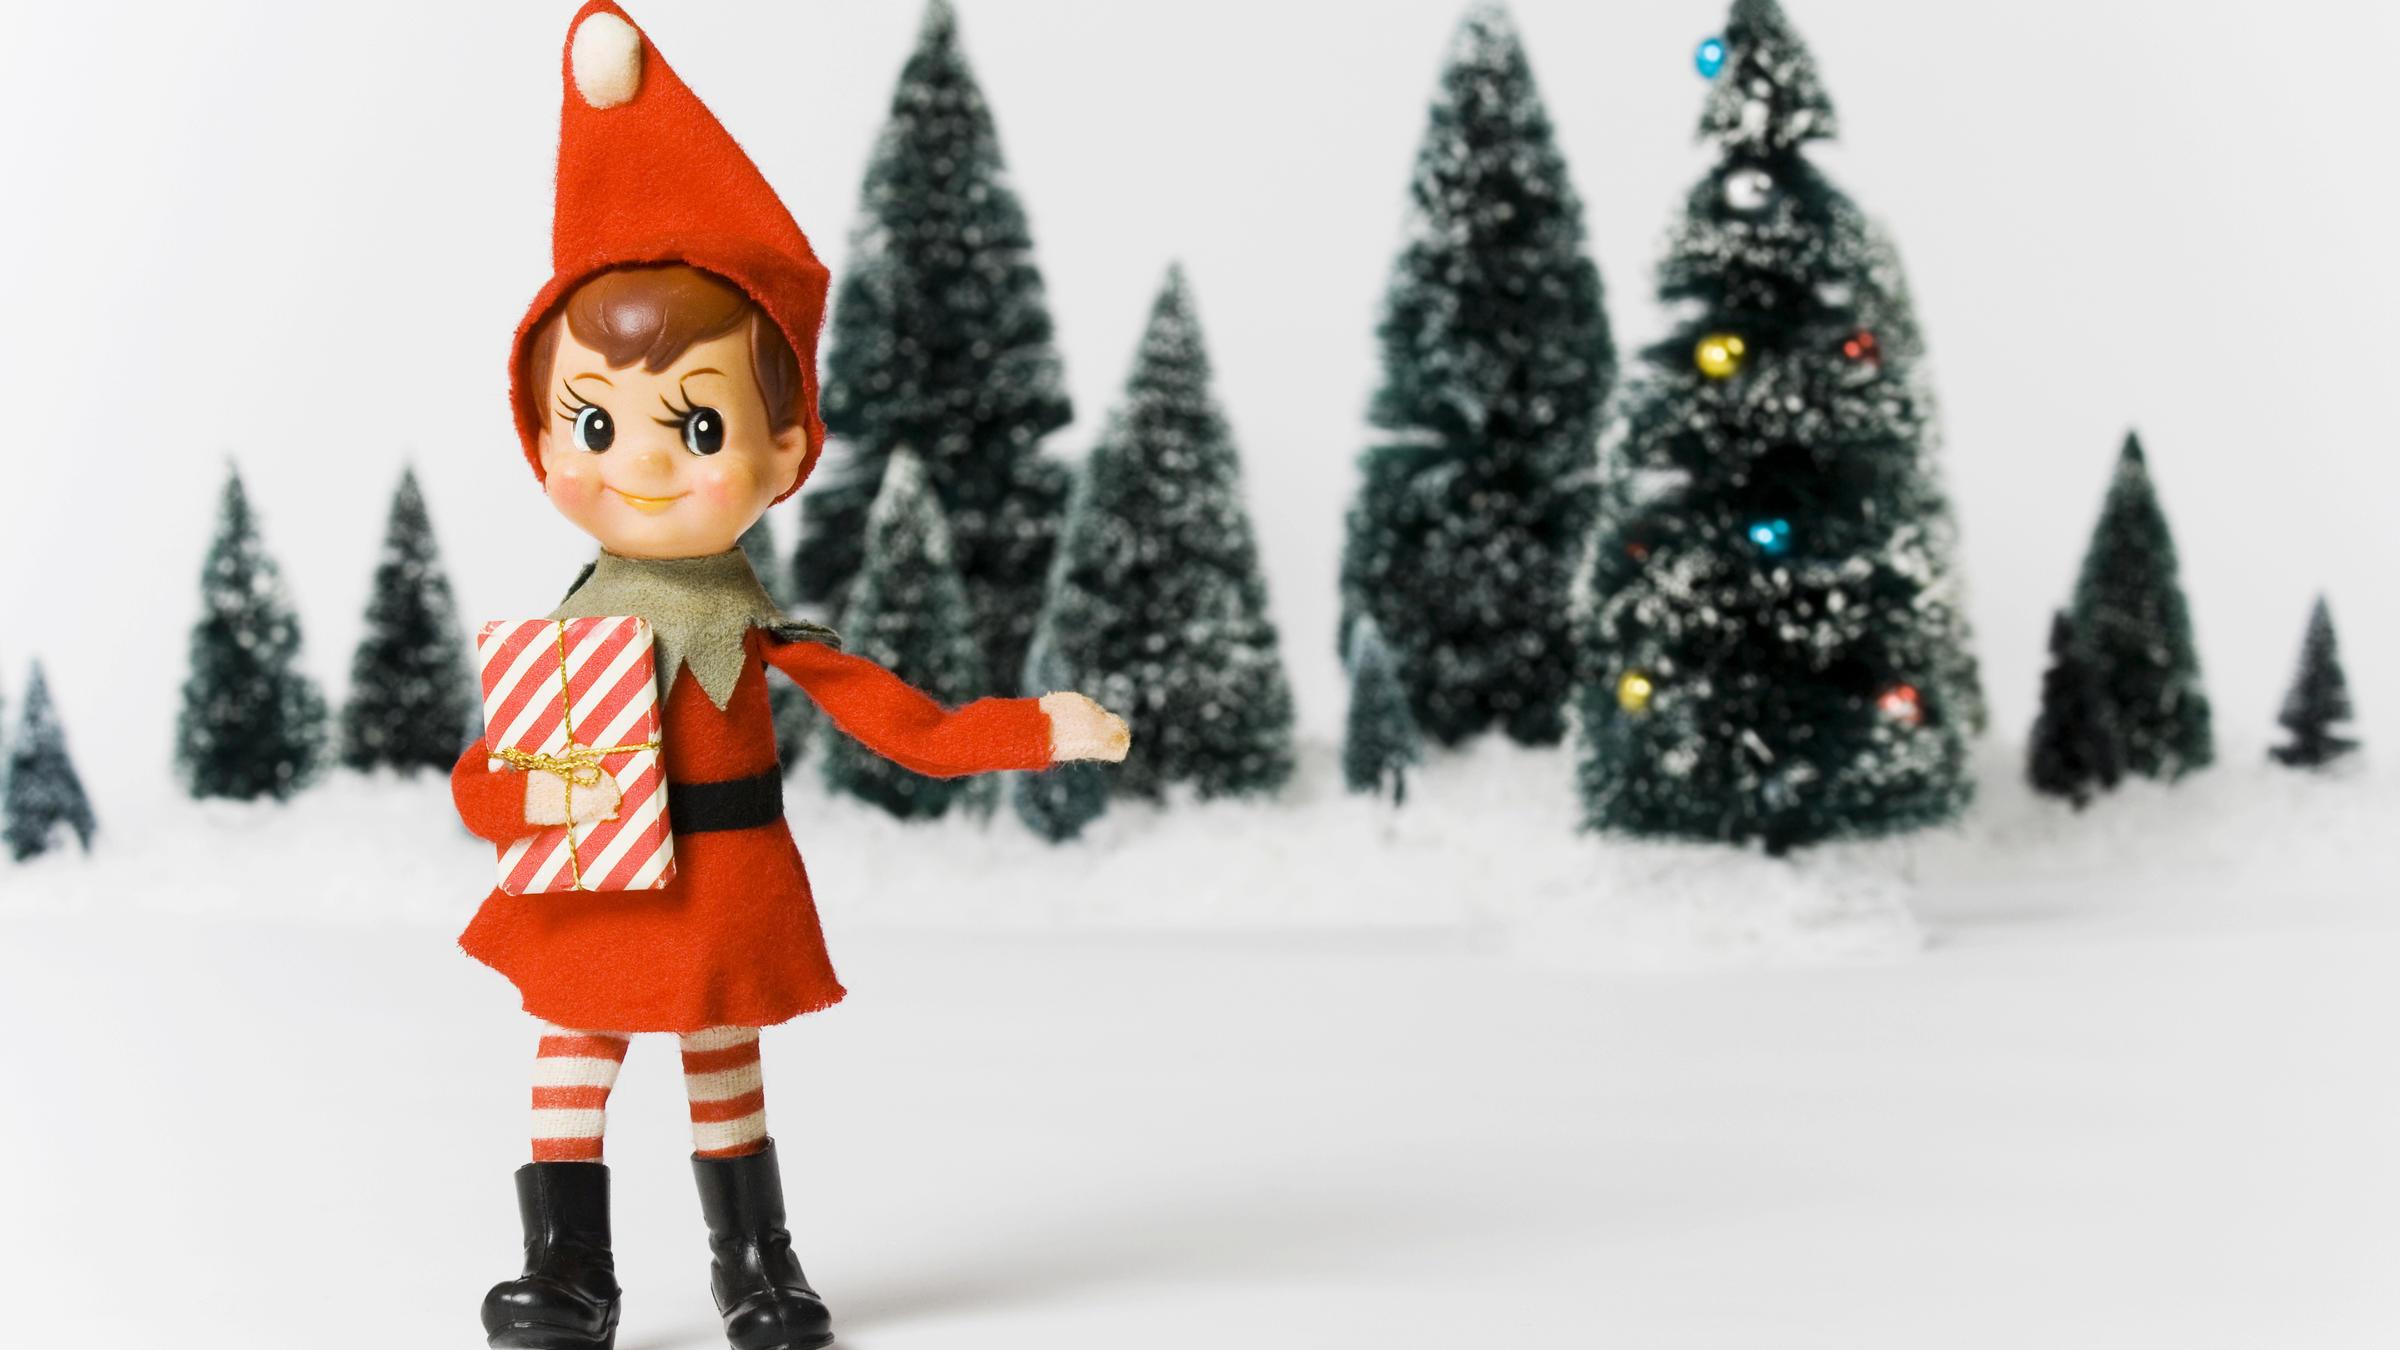 David Sedaris Christmas.A Holiday Favorite David Sedaris Santaland Diaries